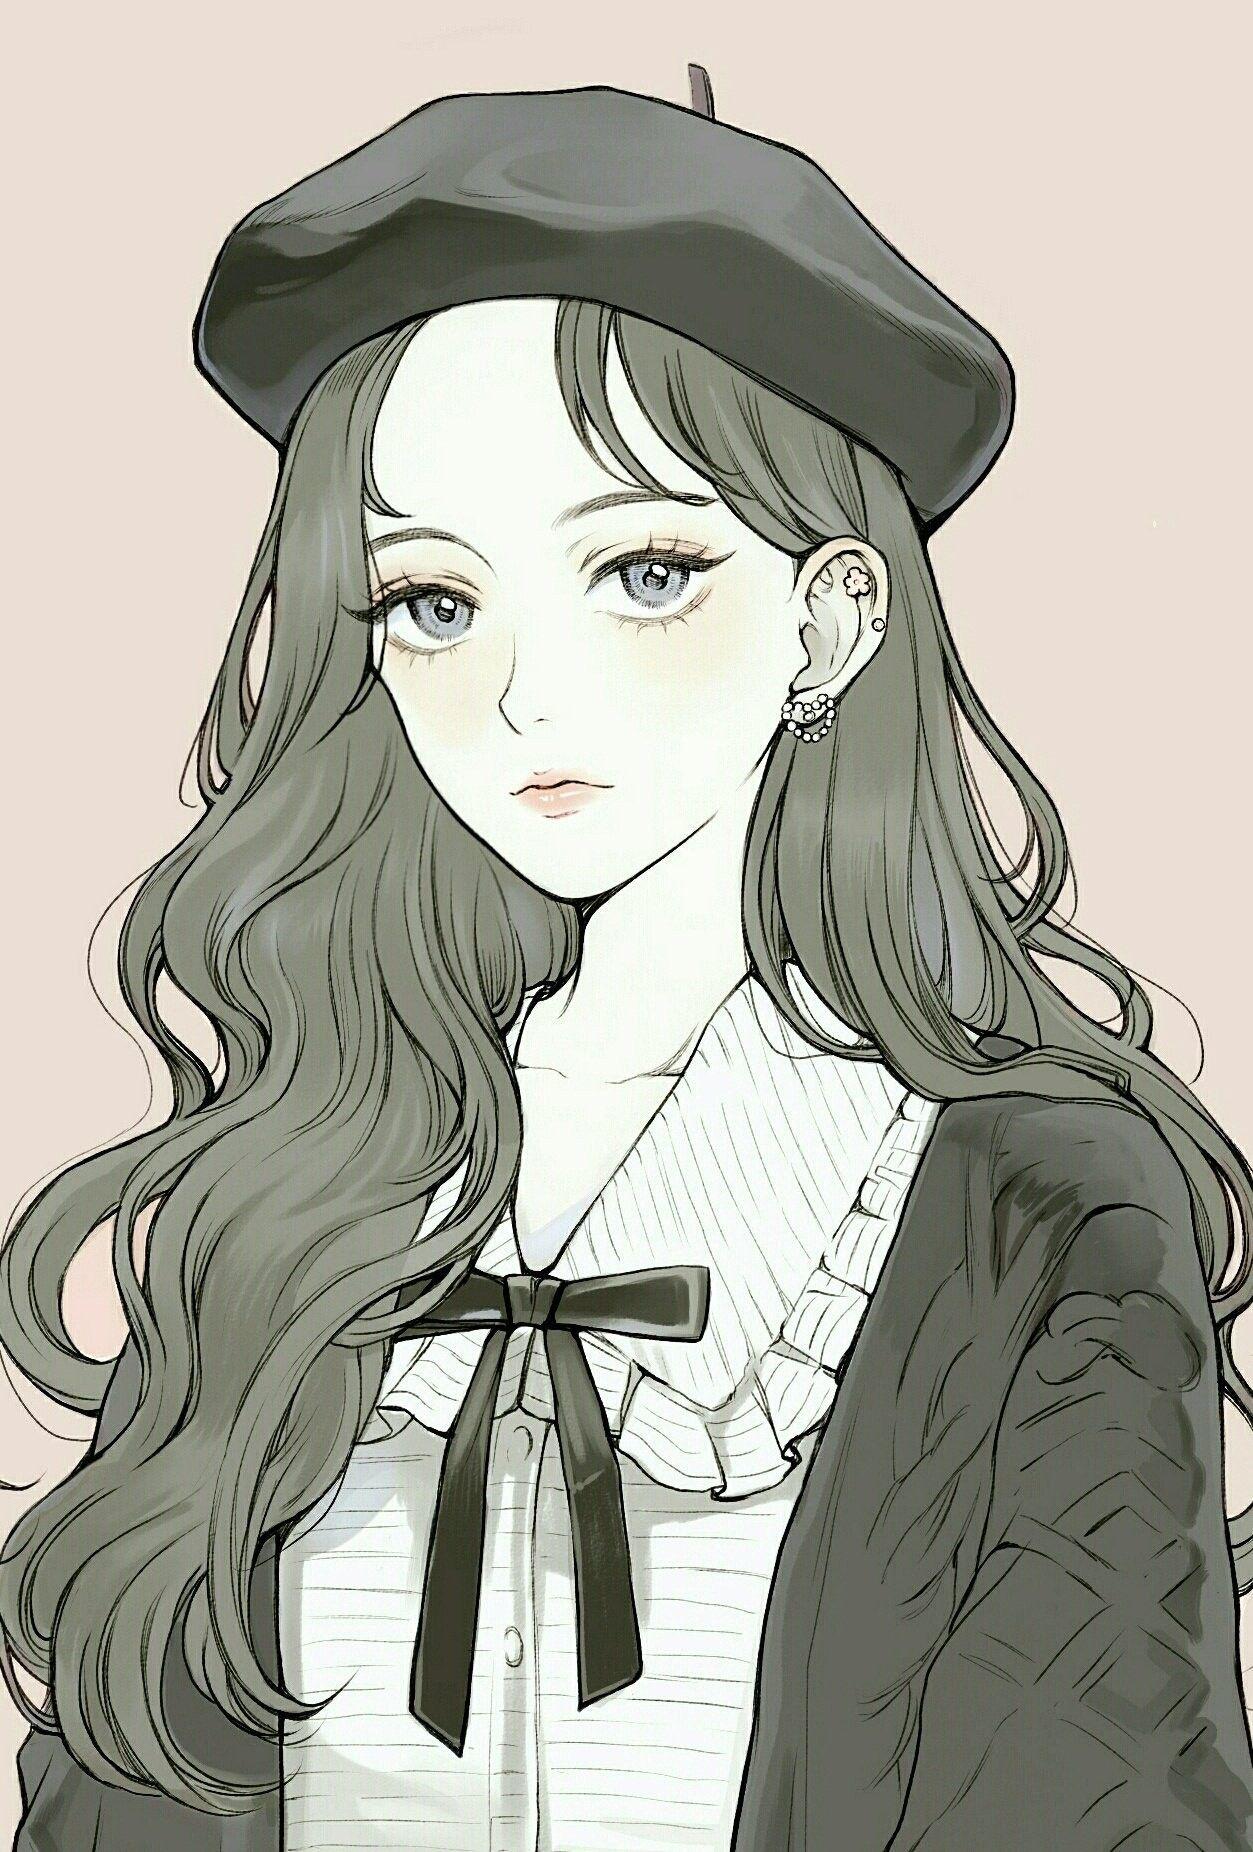 Yooo Ri Illustration Art Girl Anime Art Girl Anime Art